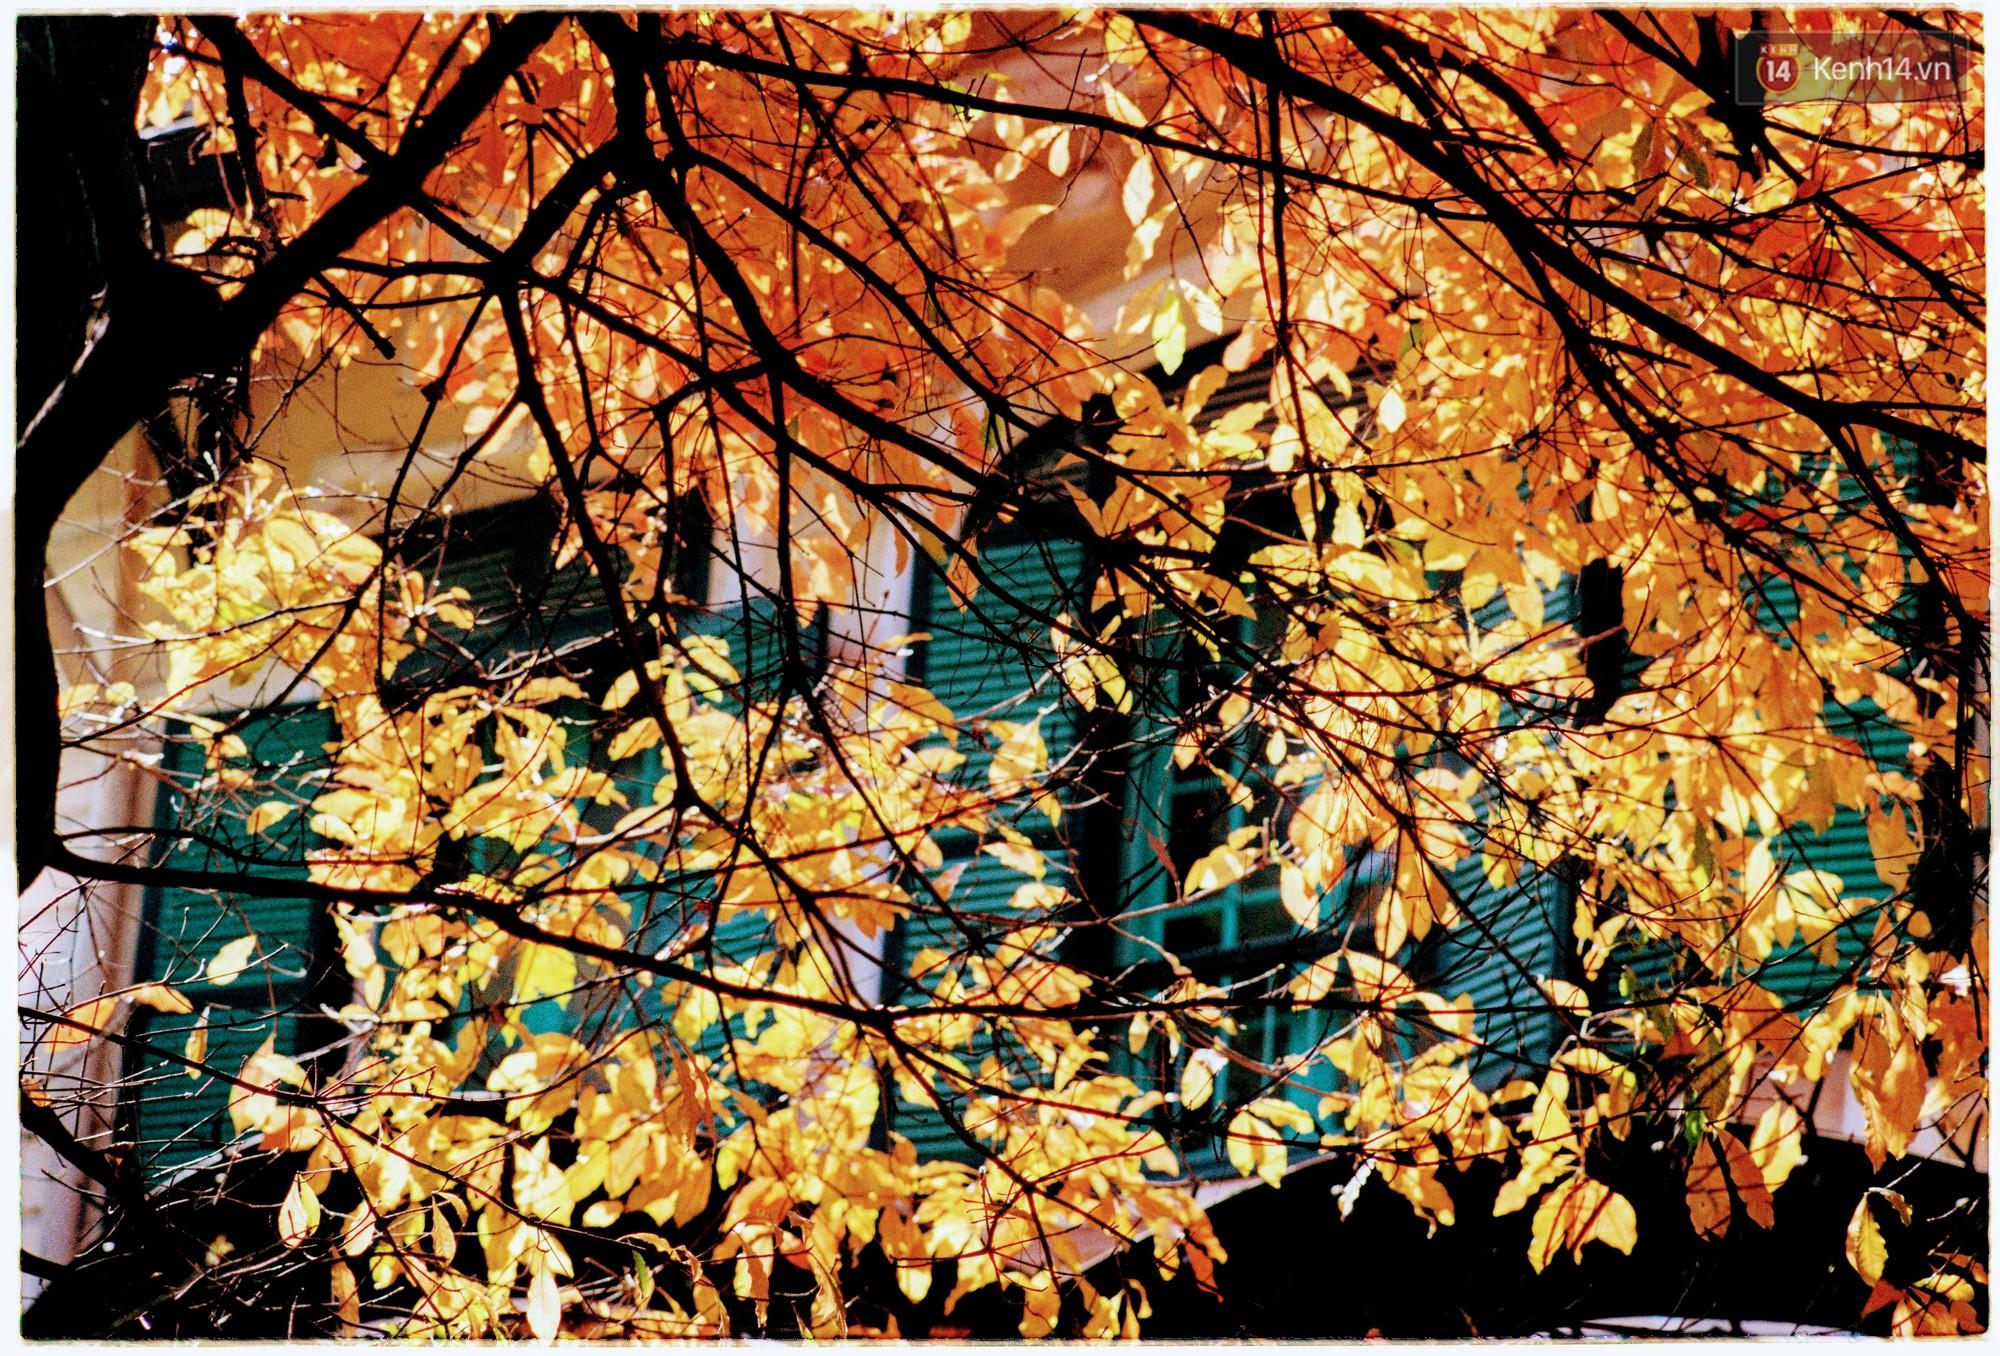 Hà Nội những ngày se lạnh, nắng đẹp và lá đỏ rợp góc phố - Ảnh 3.